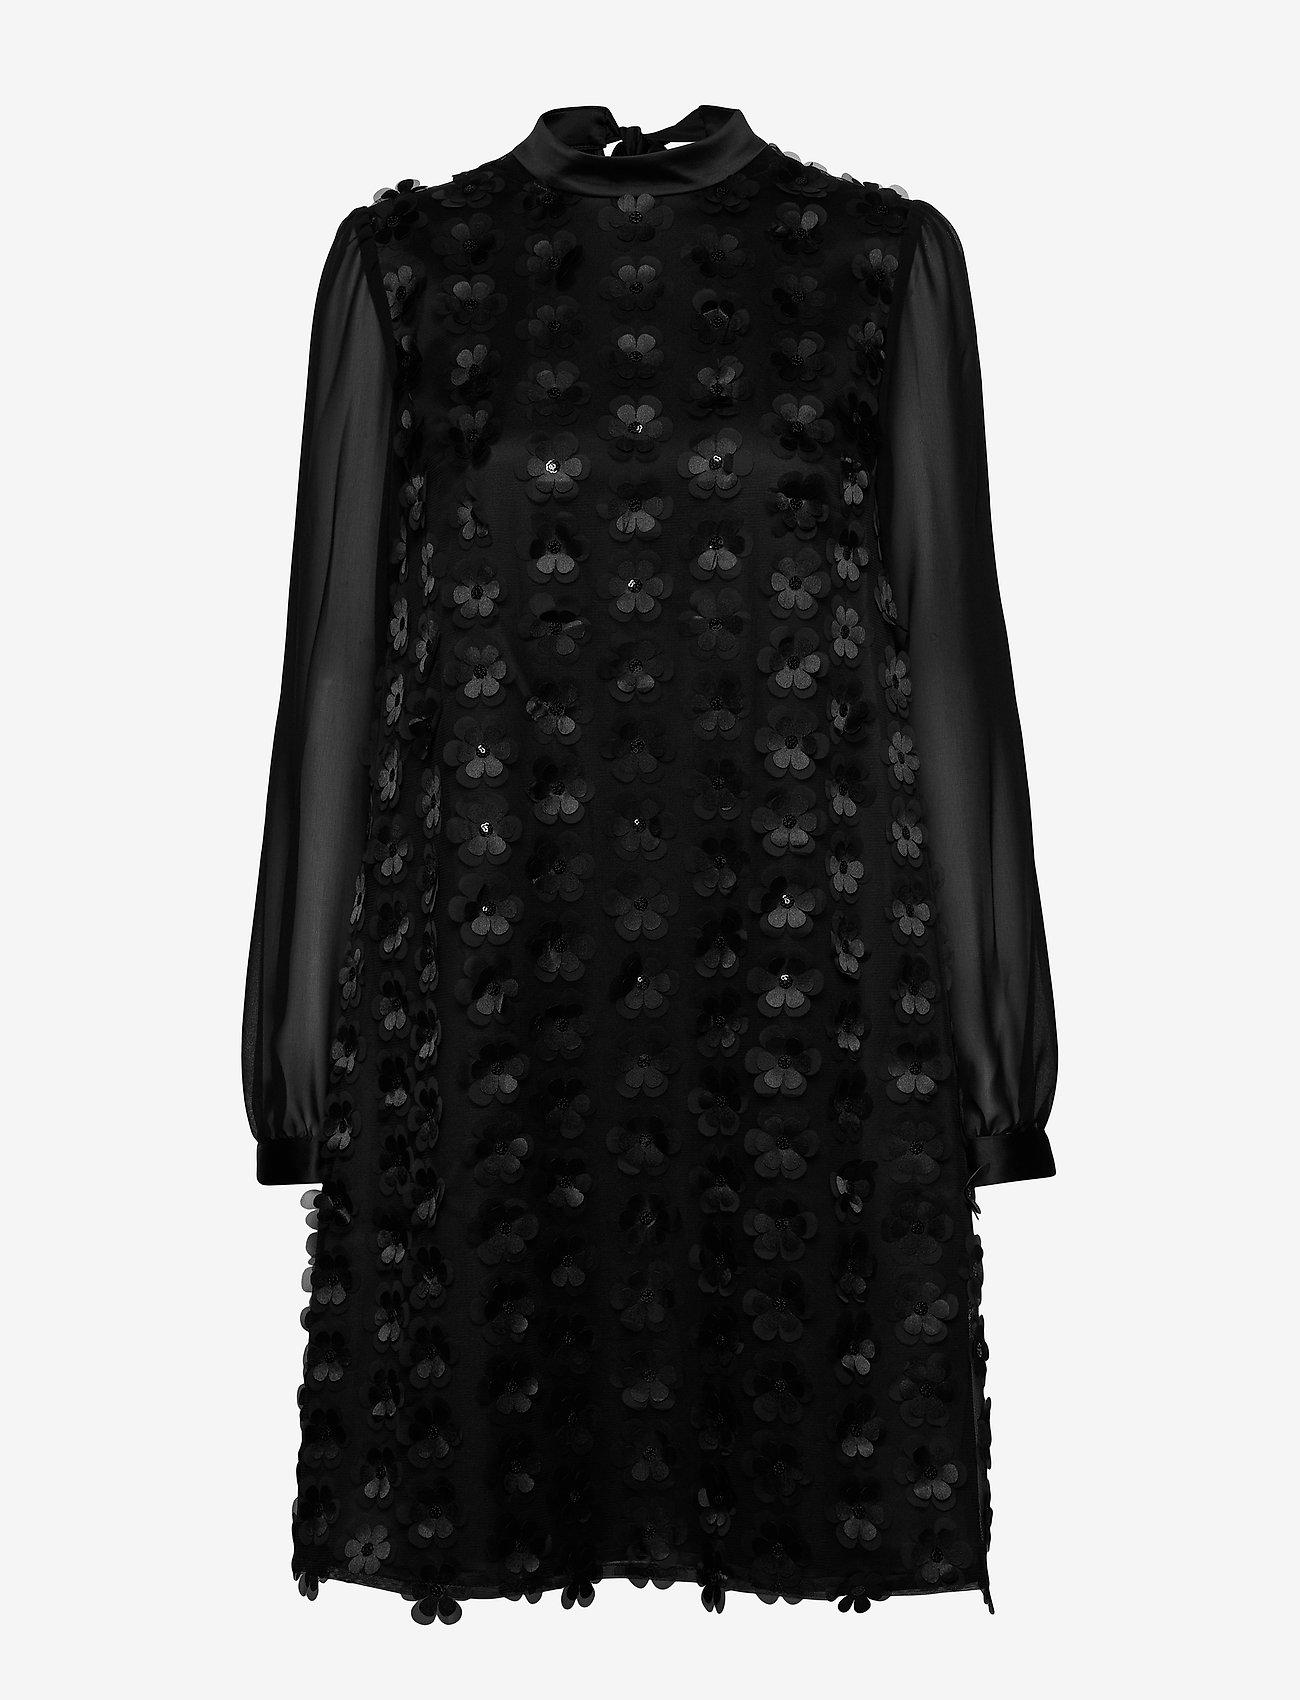 Lula Dress (Black) - Ida Sjöstedt zBCp3L